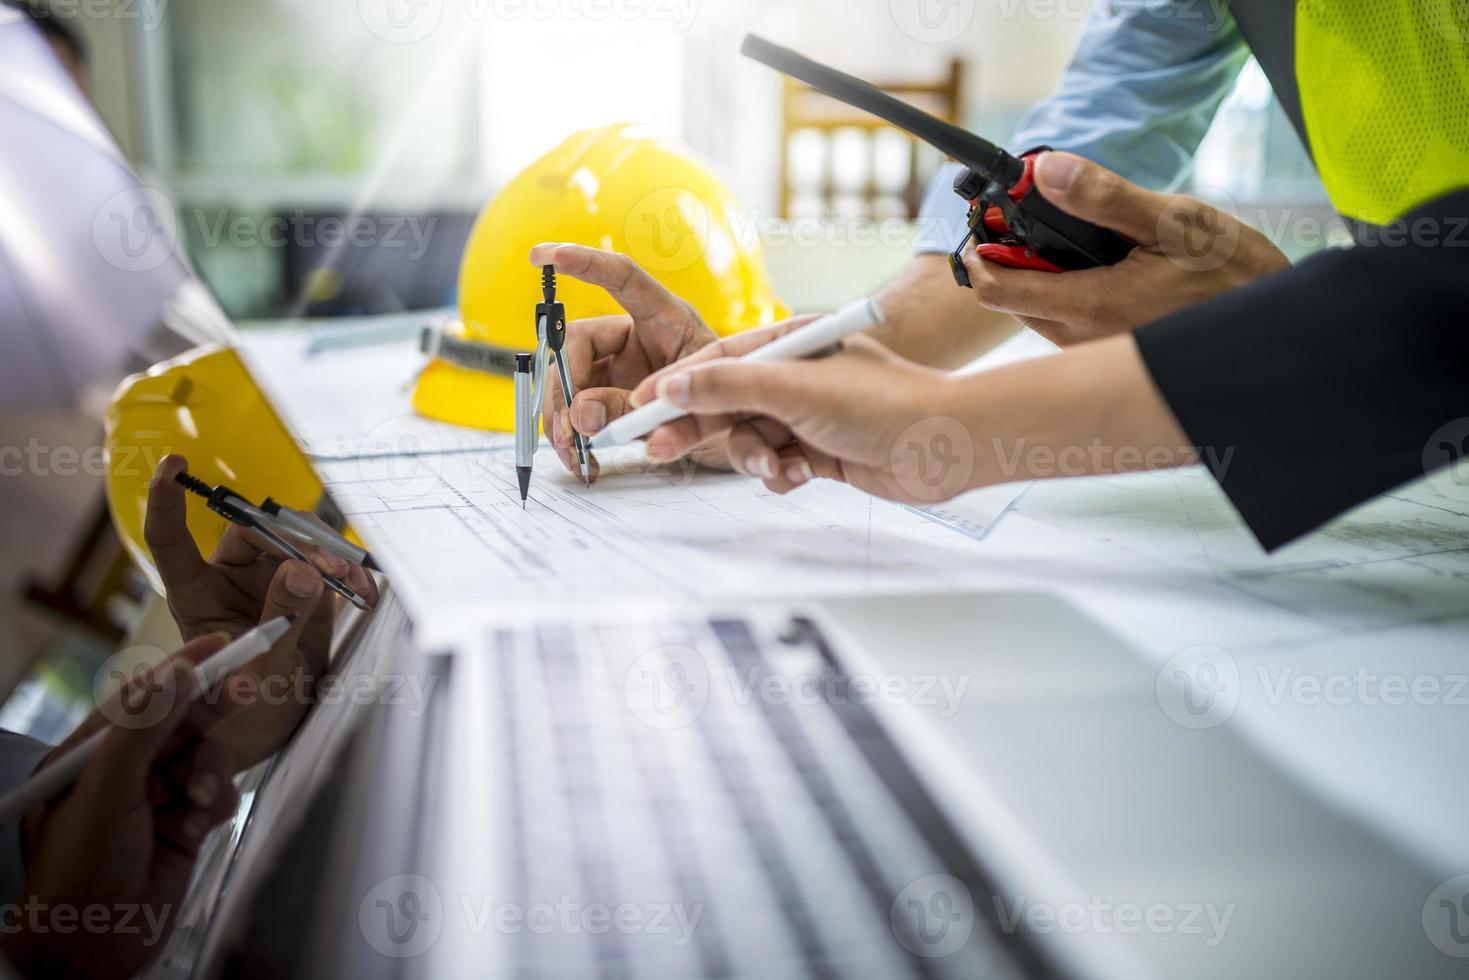 ingenjör arbetare man diskuterar om byggnadsplan foto